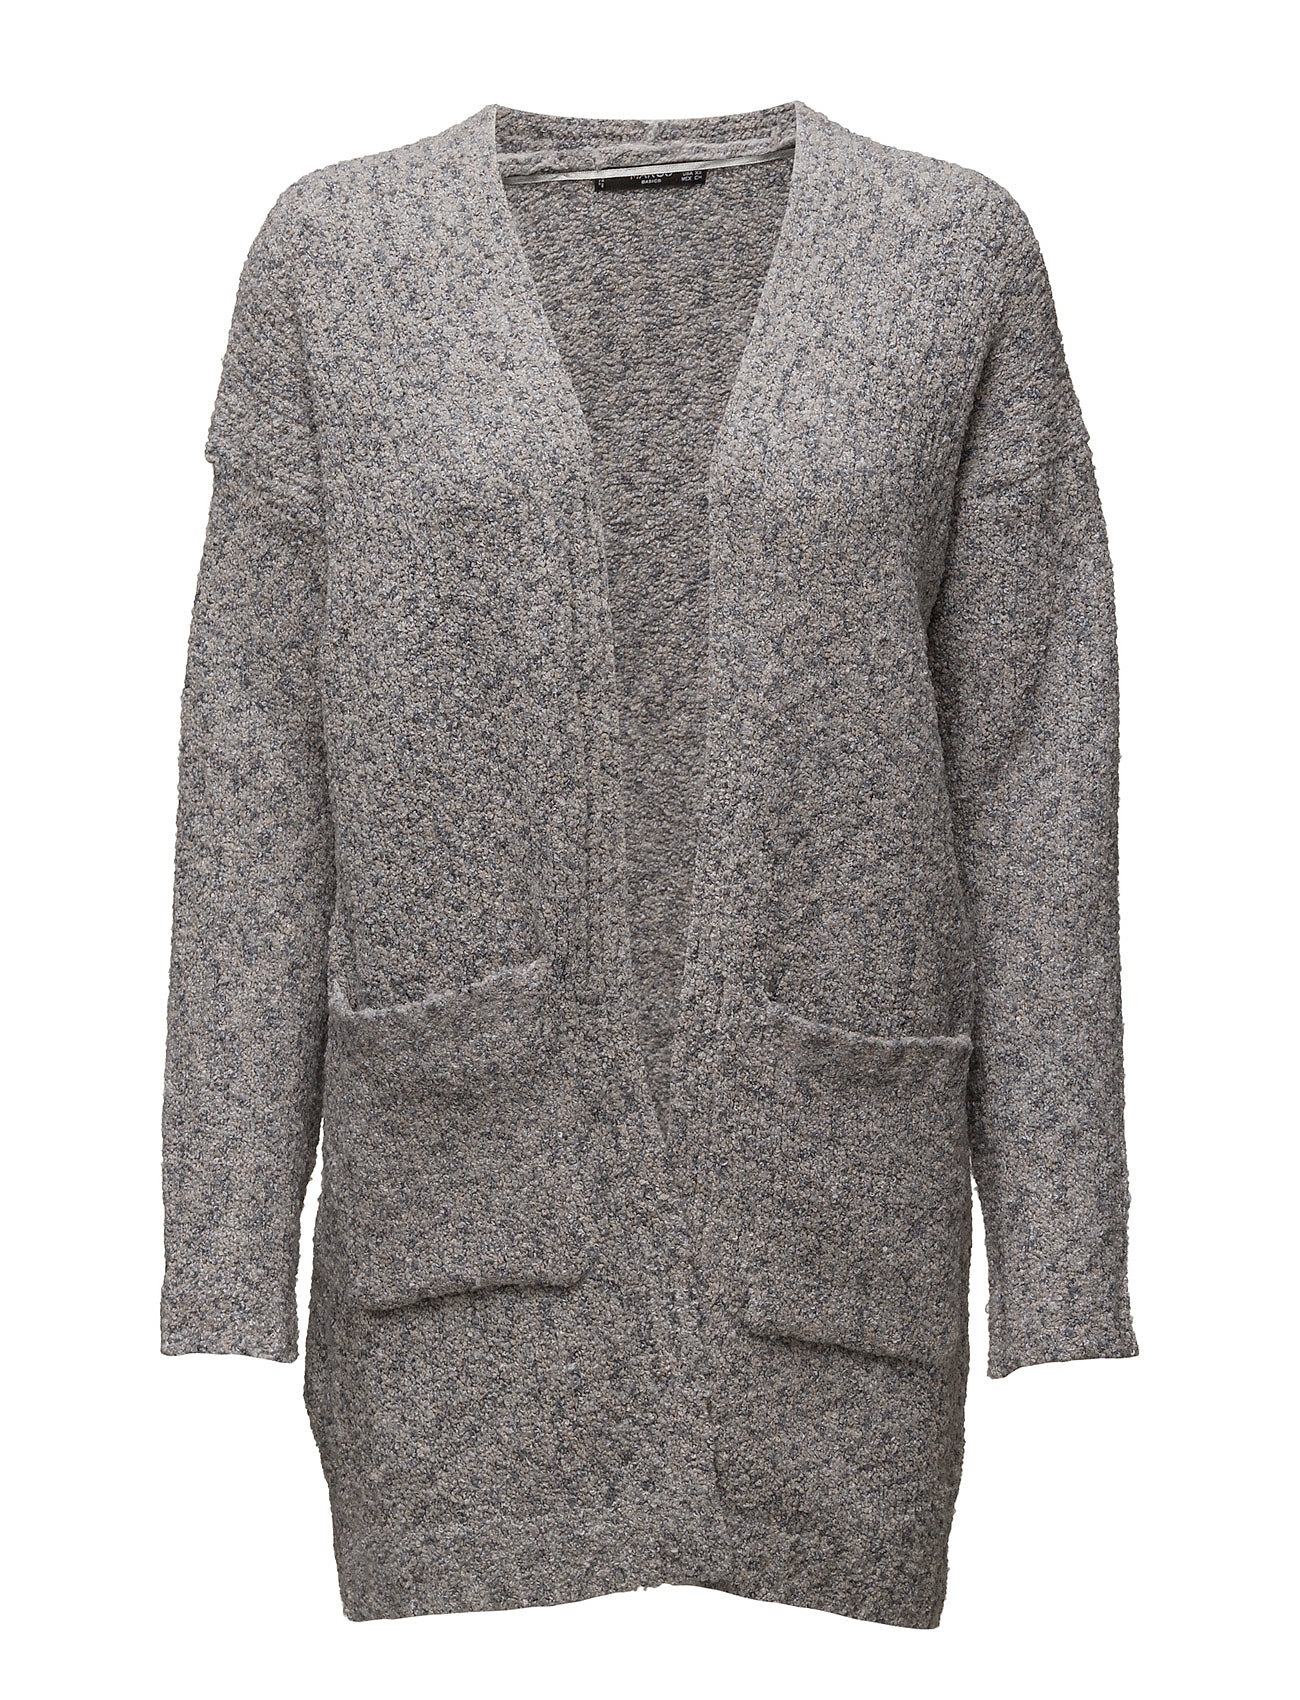 Chunky Knit Cardigan Mango Cardigans til Kvinder i Lt Pastel Grey